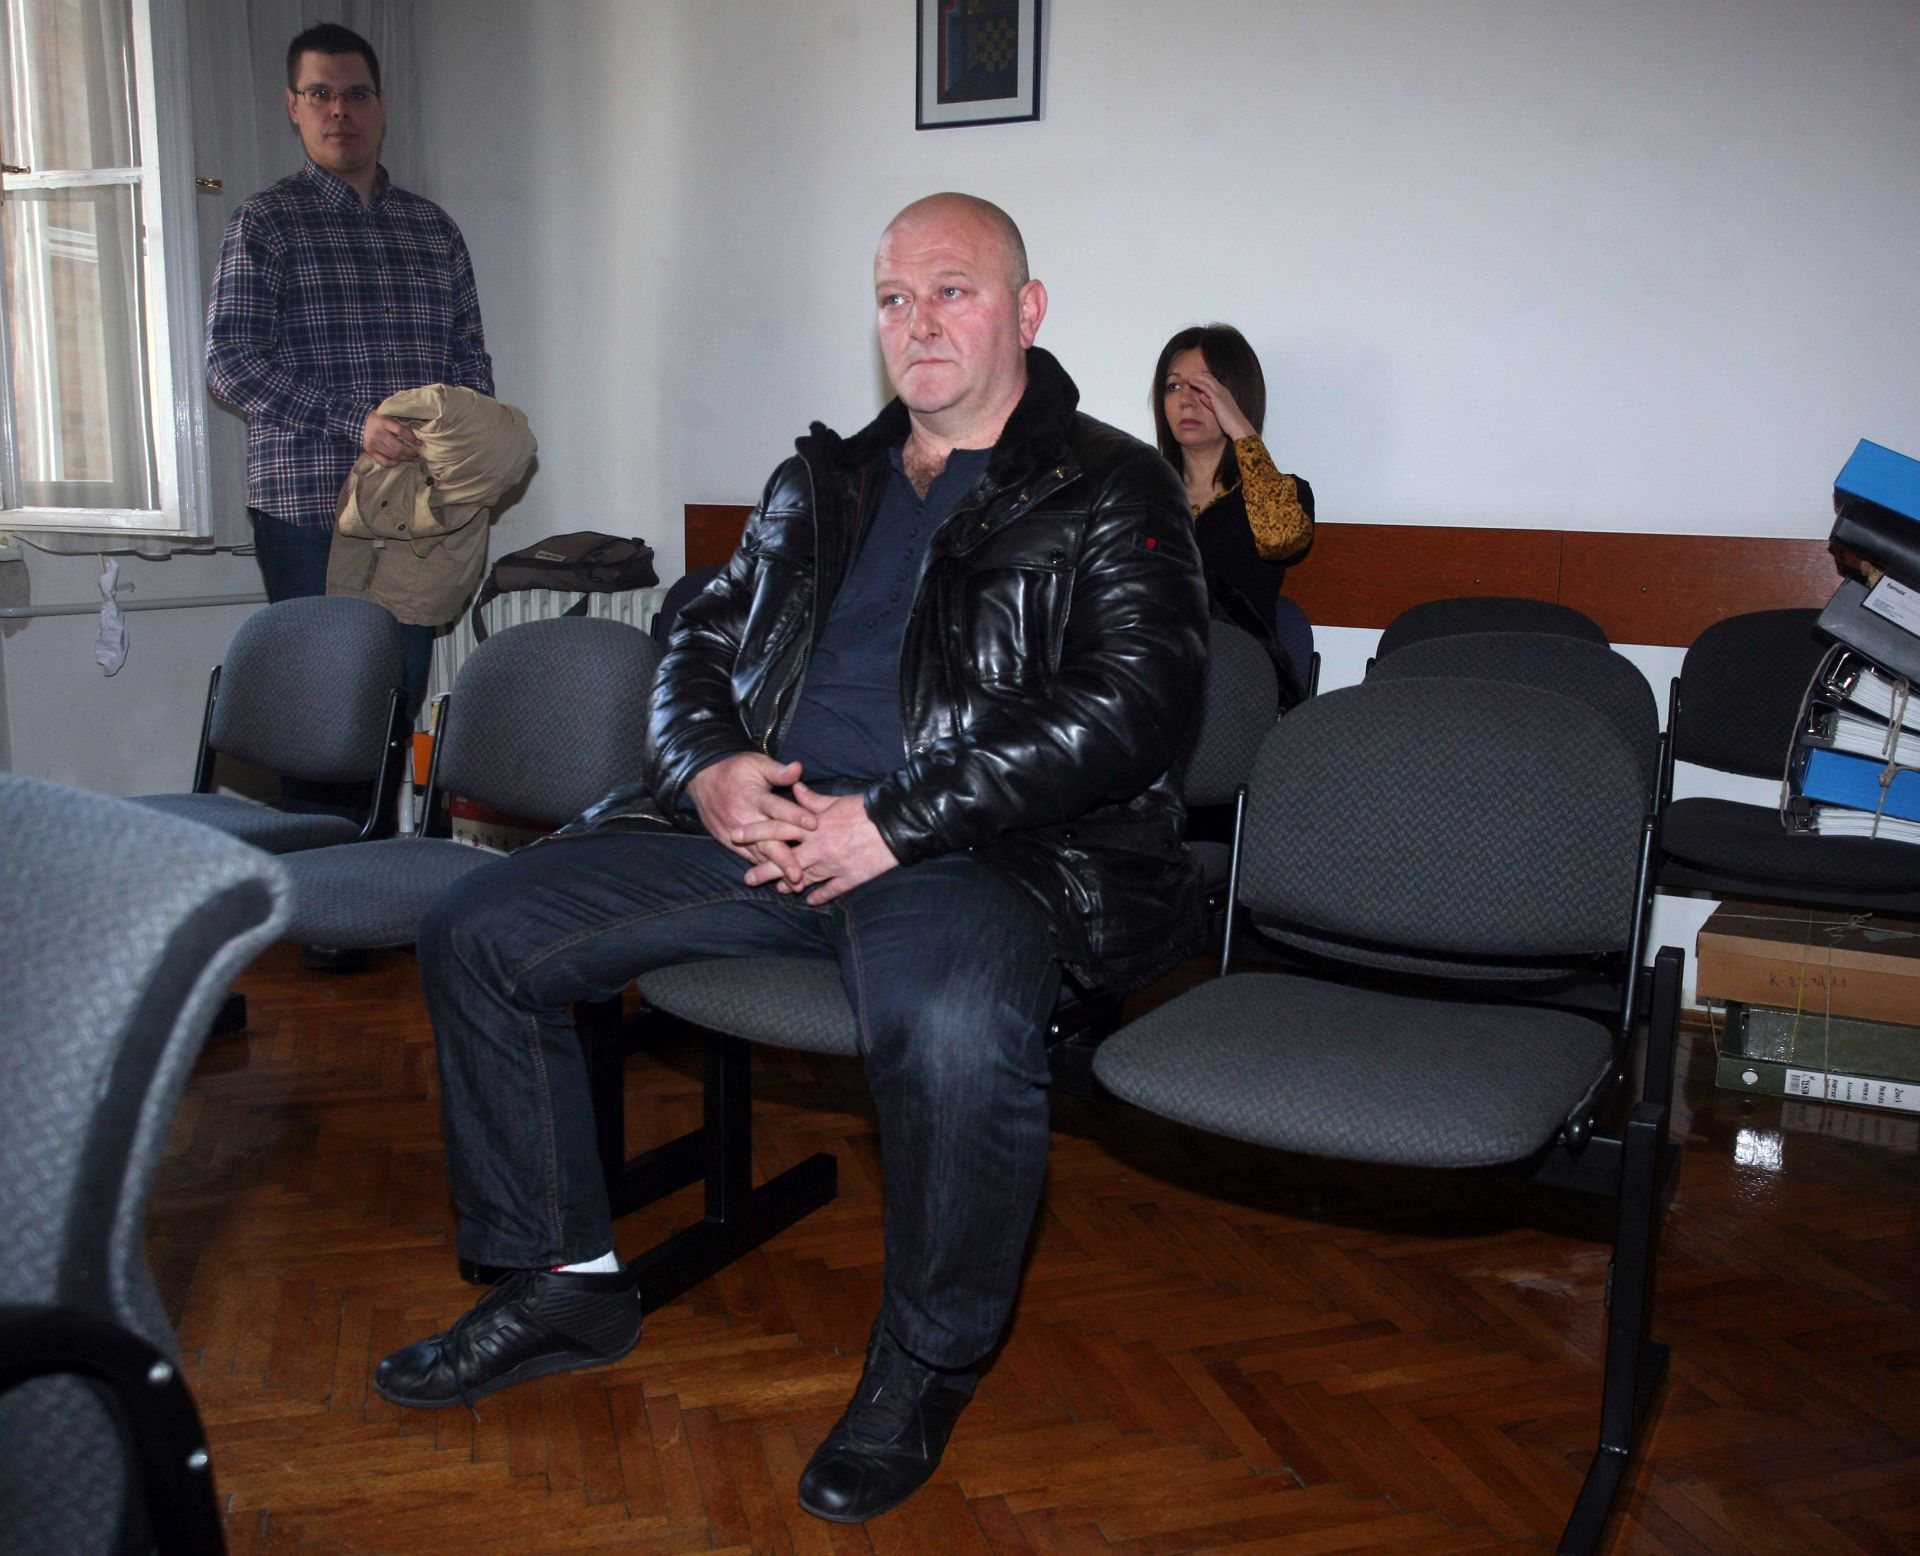 PRESUDA: Vinku Martinoviću Šteli sedam godina zbog ubojstva u Mostaru 1996.